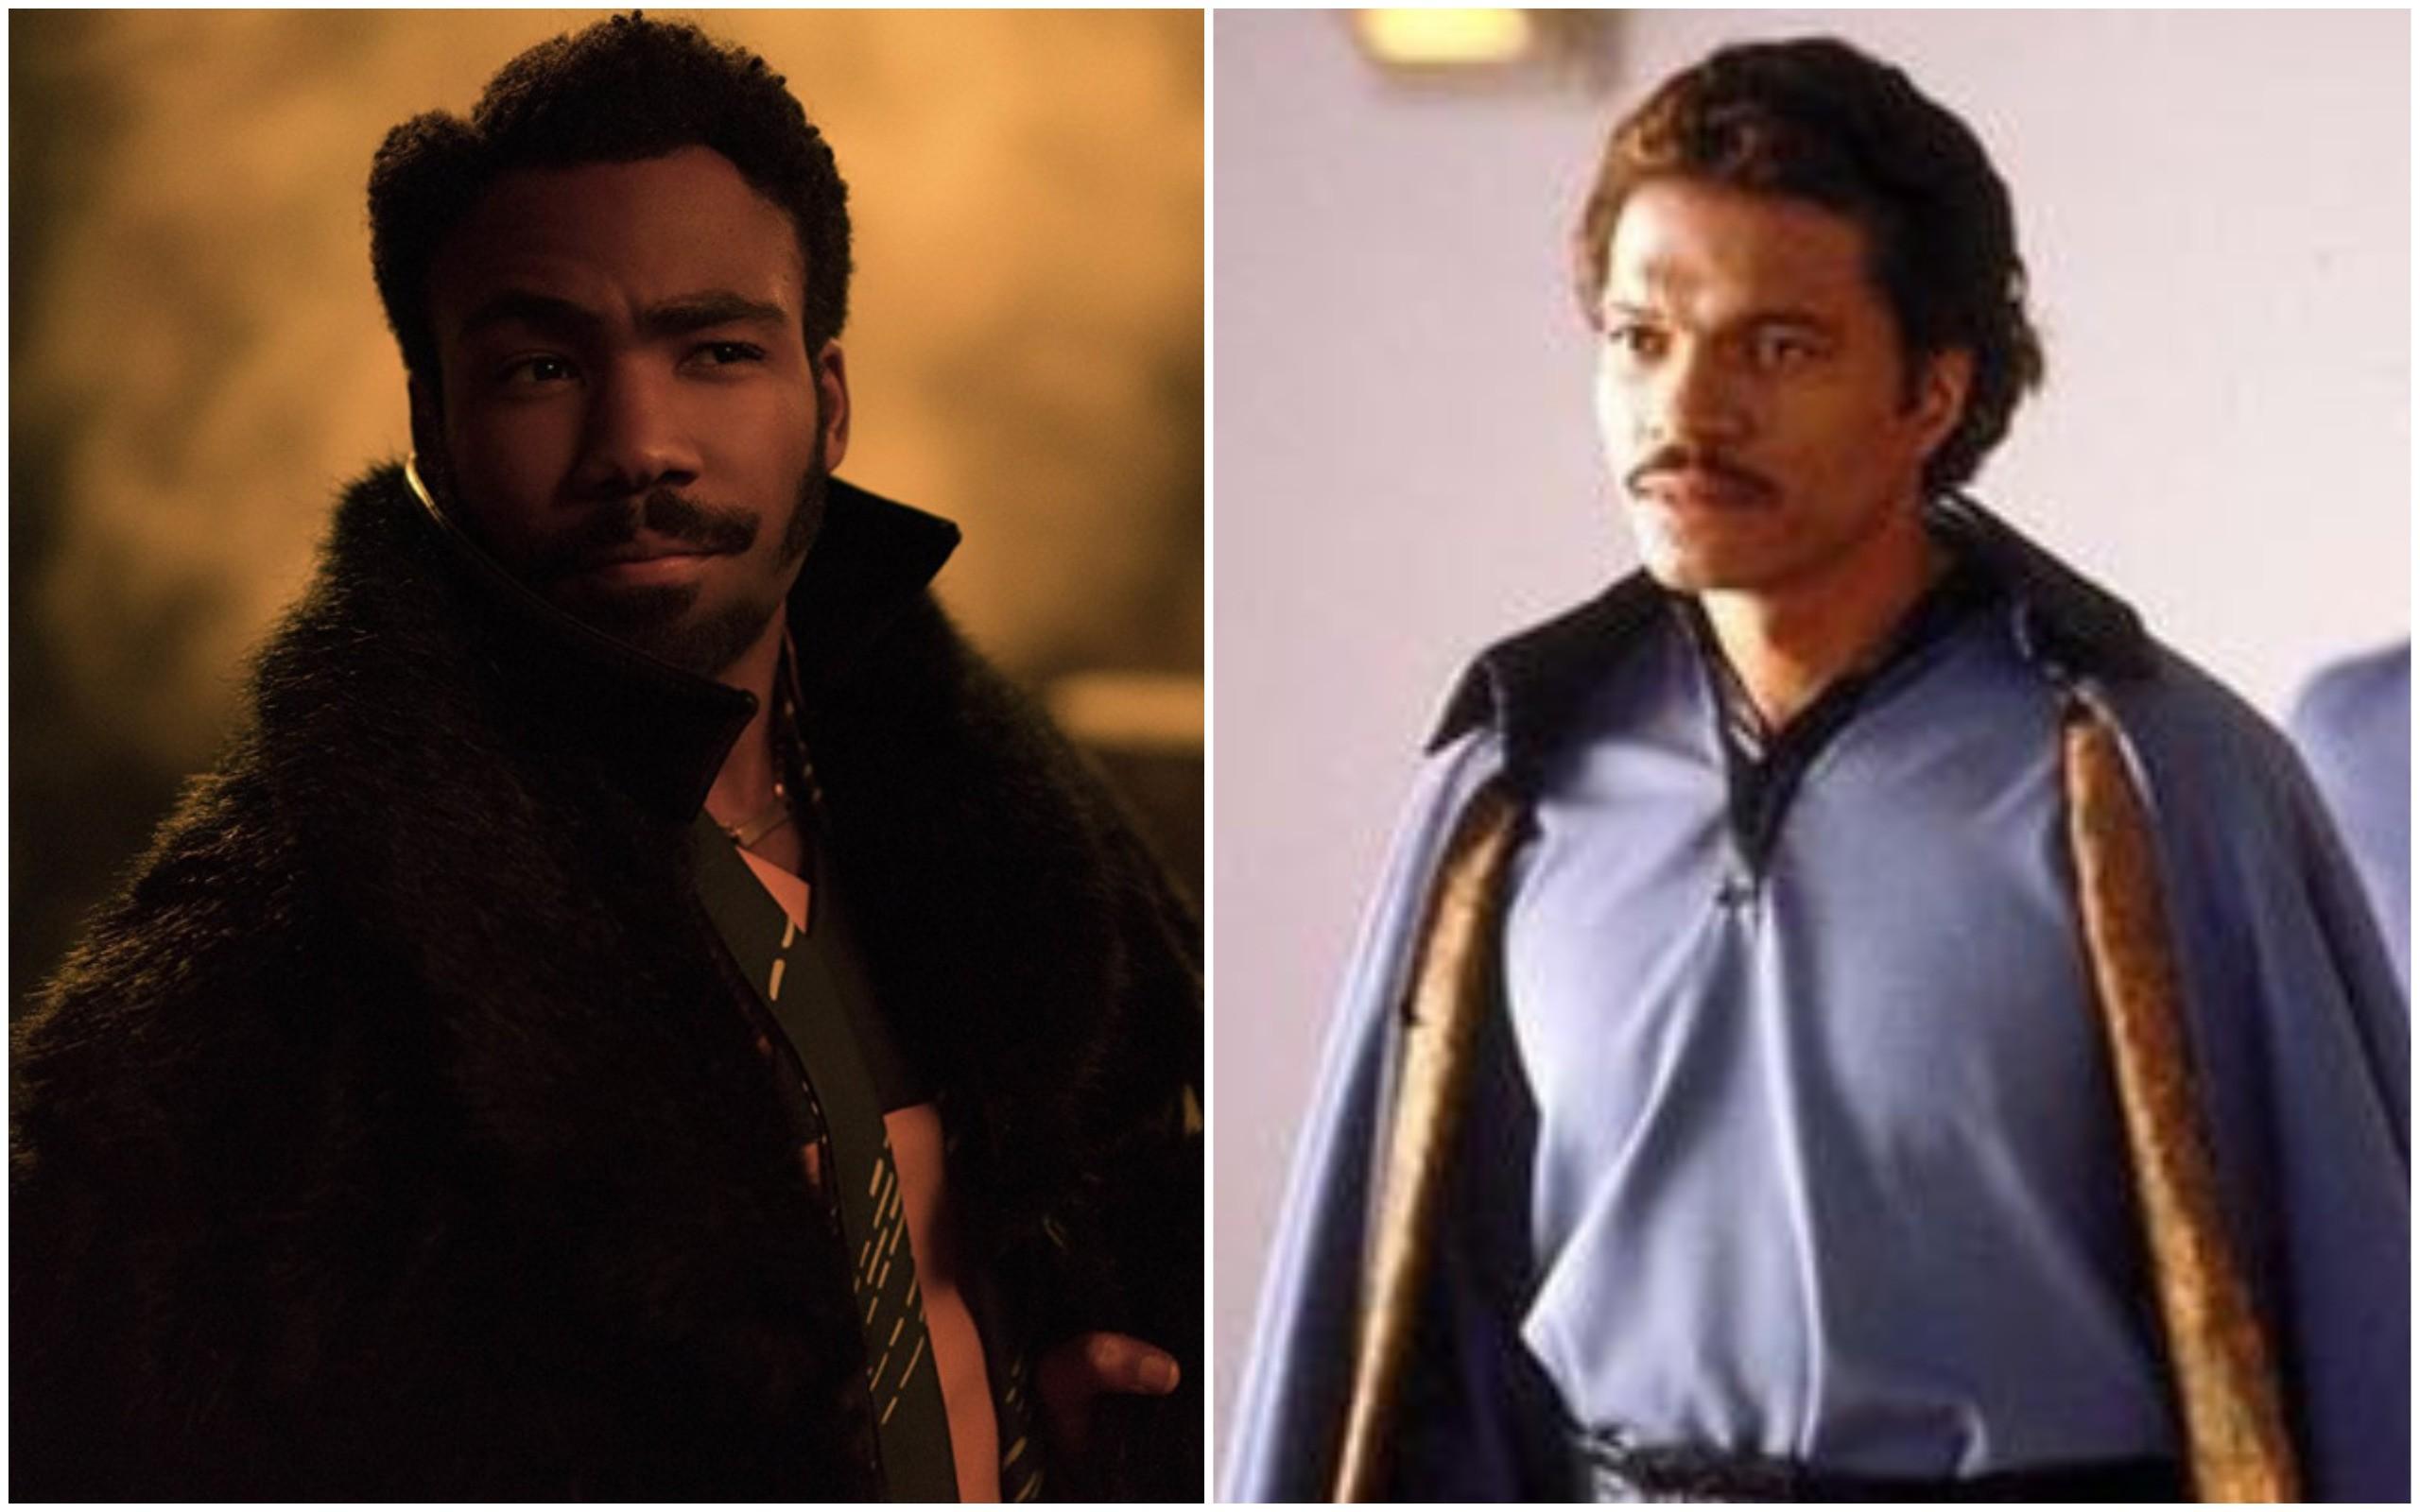 Donald Glover em 'Han Solo: Uma História Star Wars' (2018) e Billy Dee Williams em 'O Império Contra-Ataca' (1980) (Foto: Divulgação)